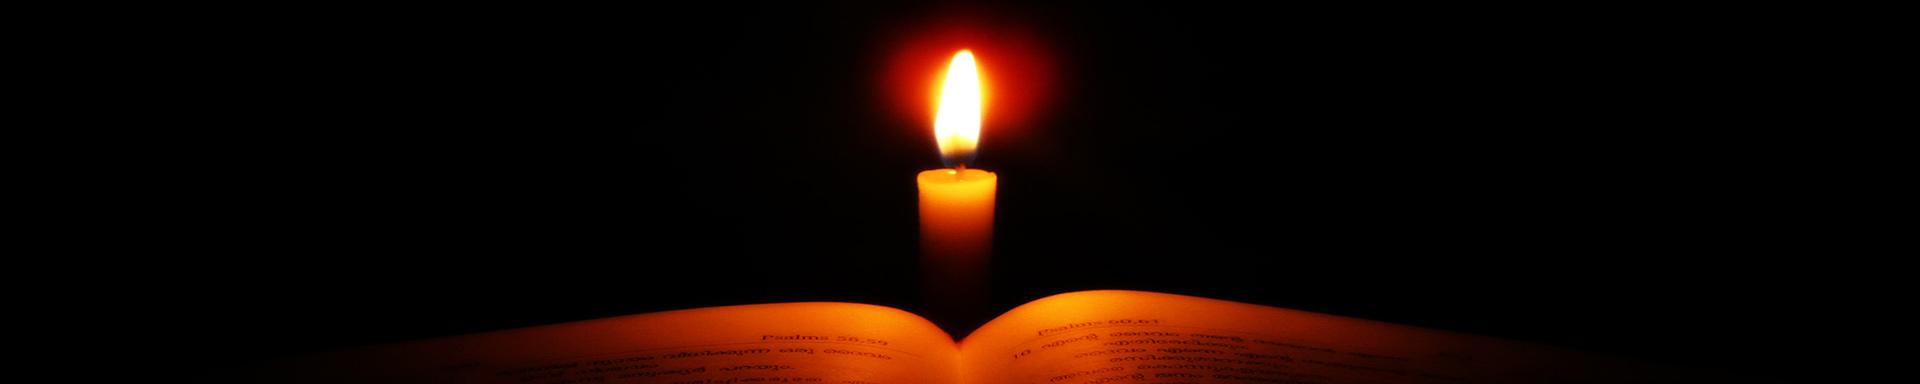 Kirche-Titel-Background-Bibel-Kerze